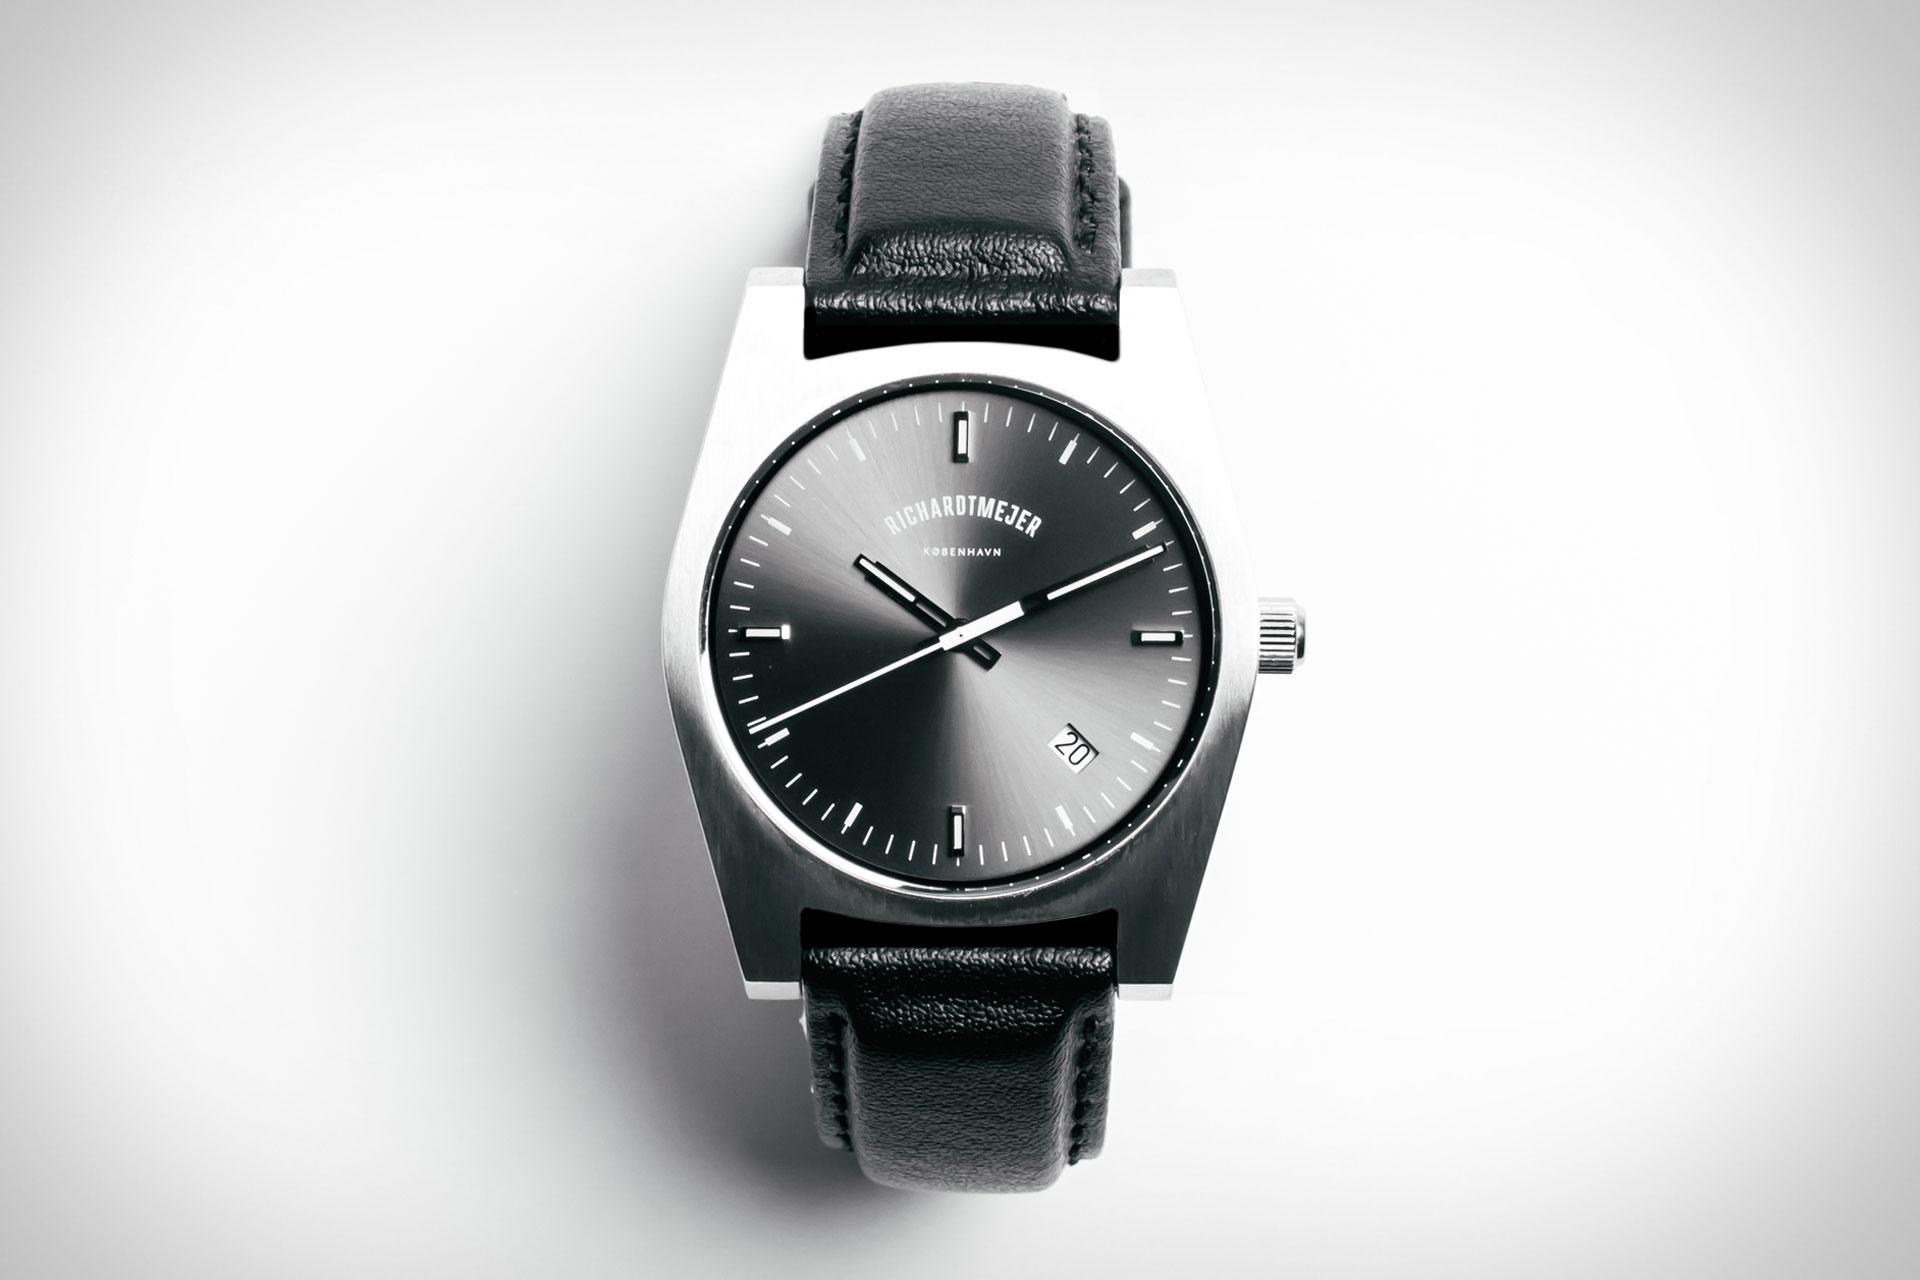 Richardt & Mejer Signature Watch